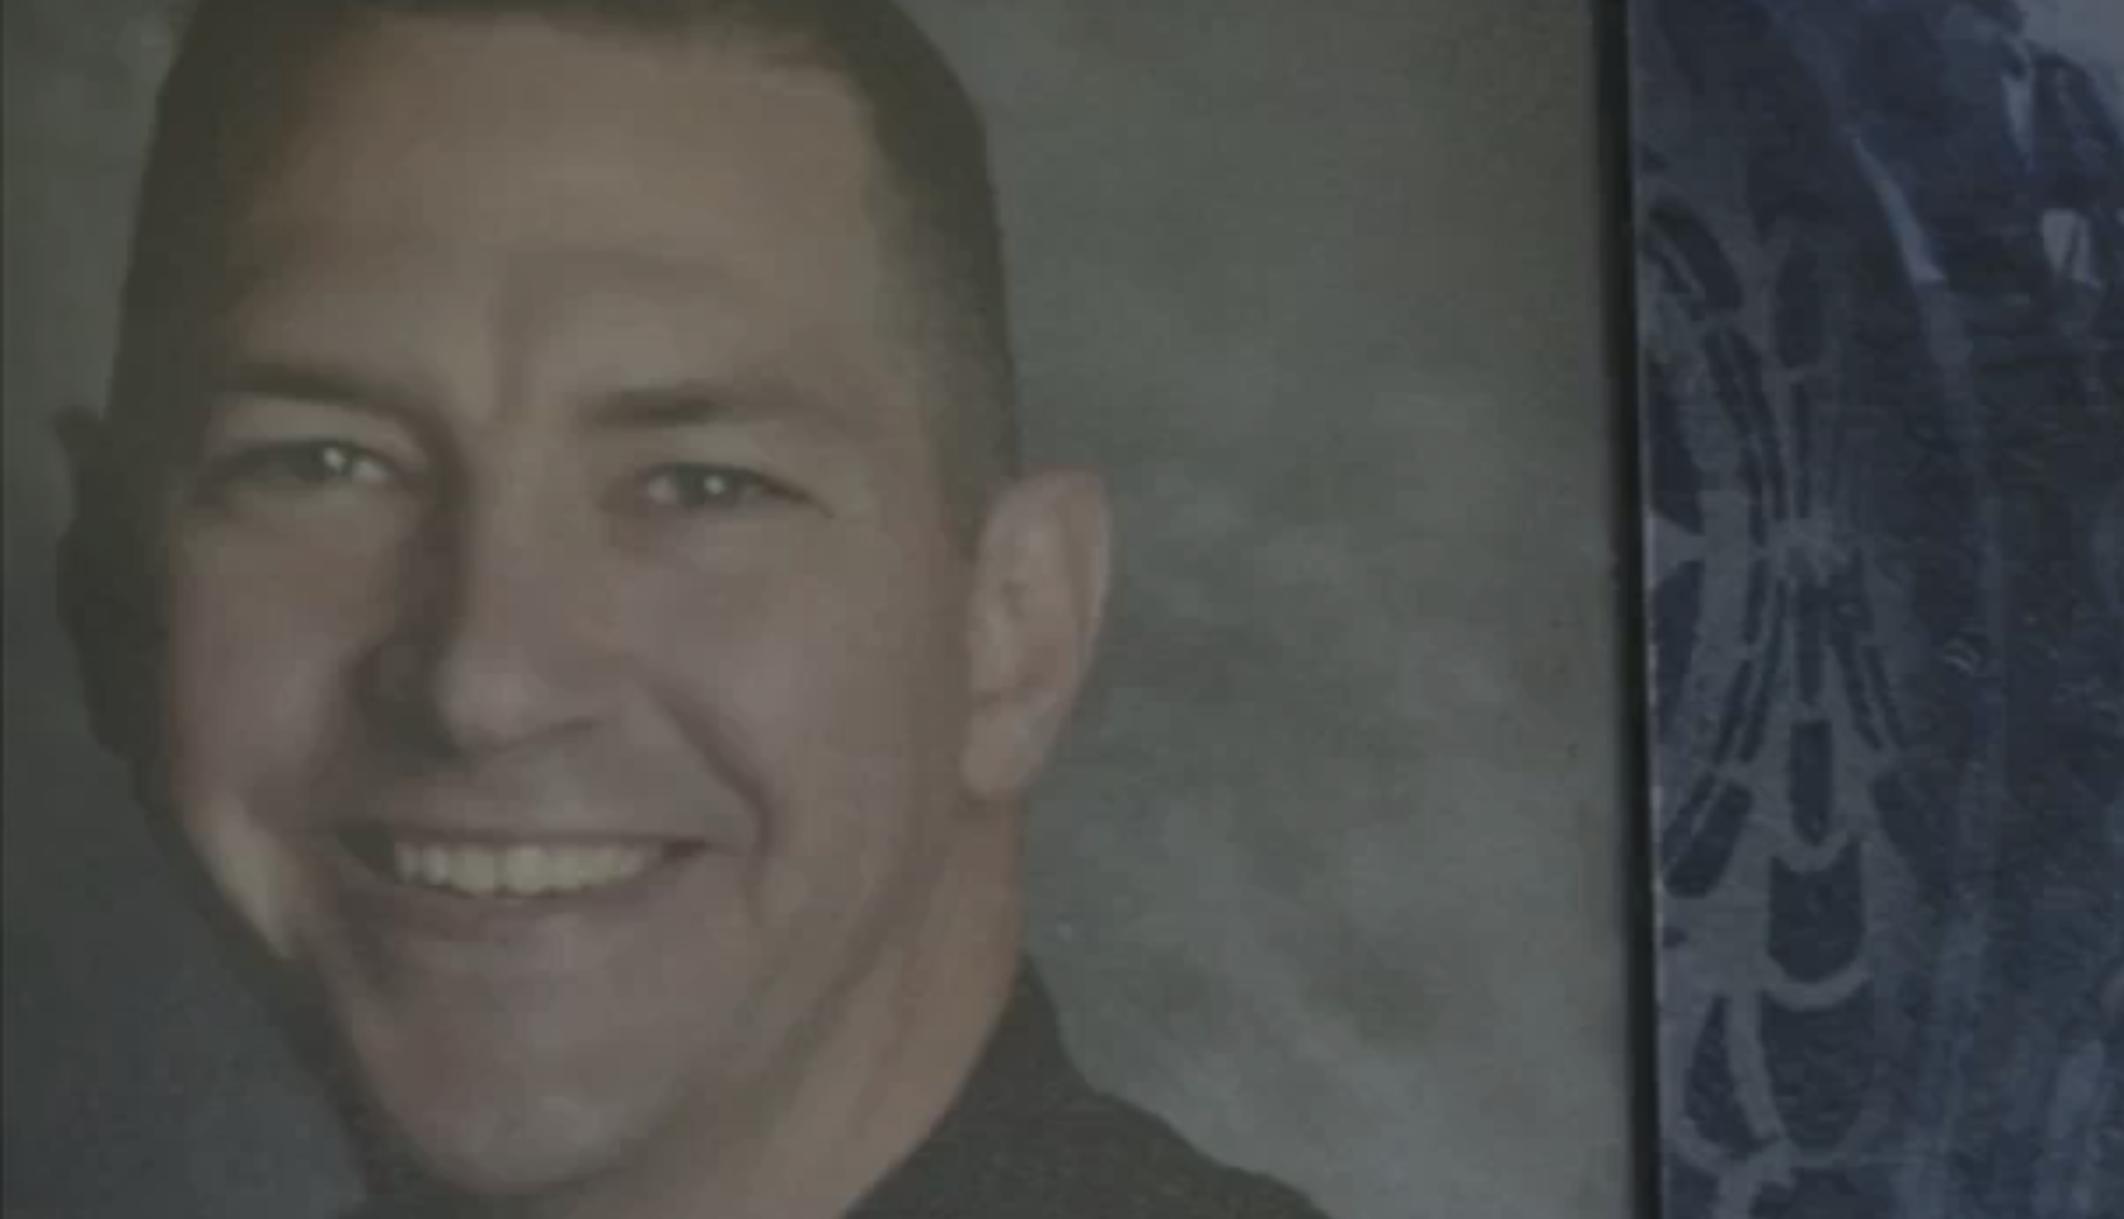 Policist Bardstown Jason Ellis umorjen zaradi preiskave vloma, pravi anonimni zapornik